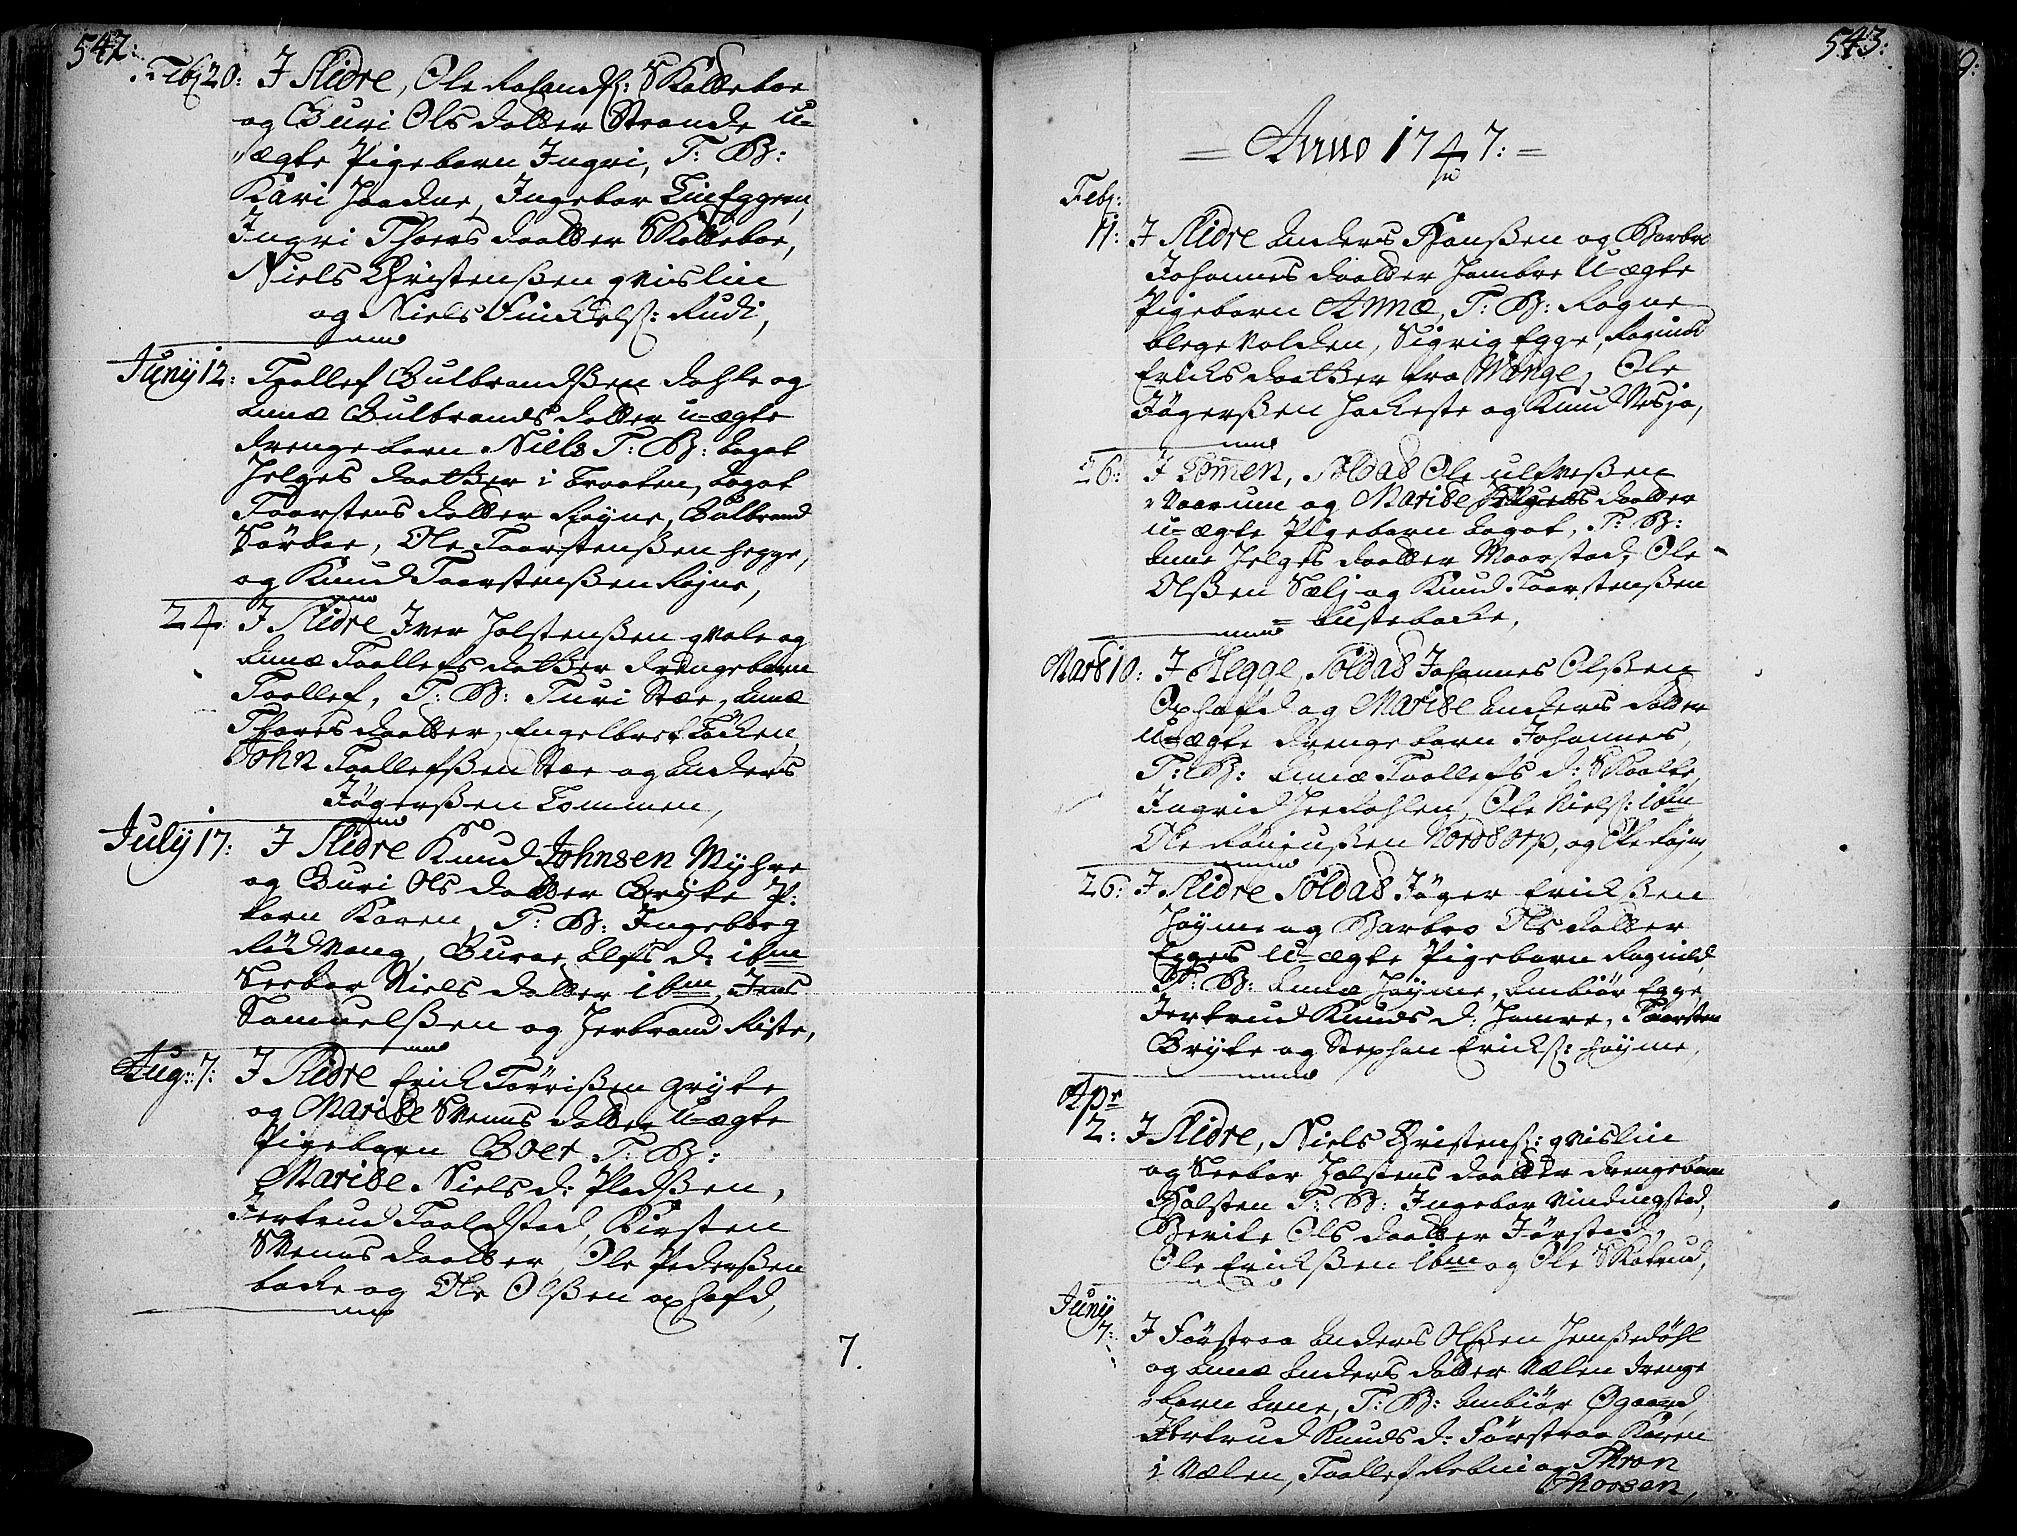 SAH, Slidre prestekontor, Ministerialbok nr. 1, 1724-1814, s. 542-543